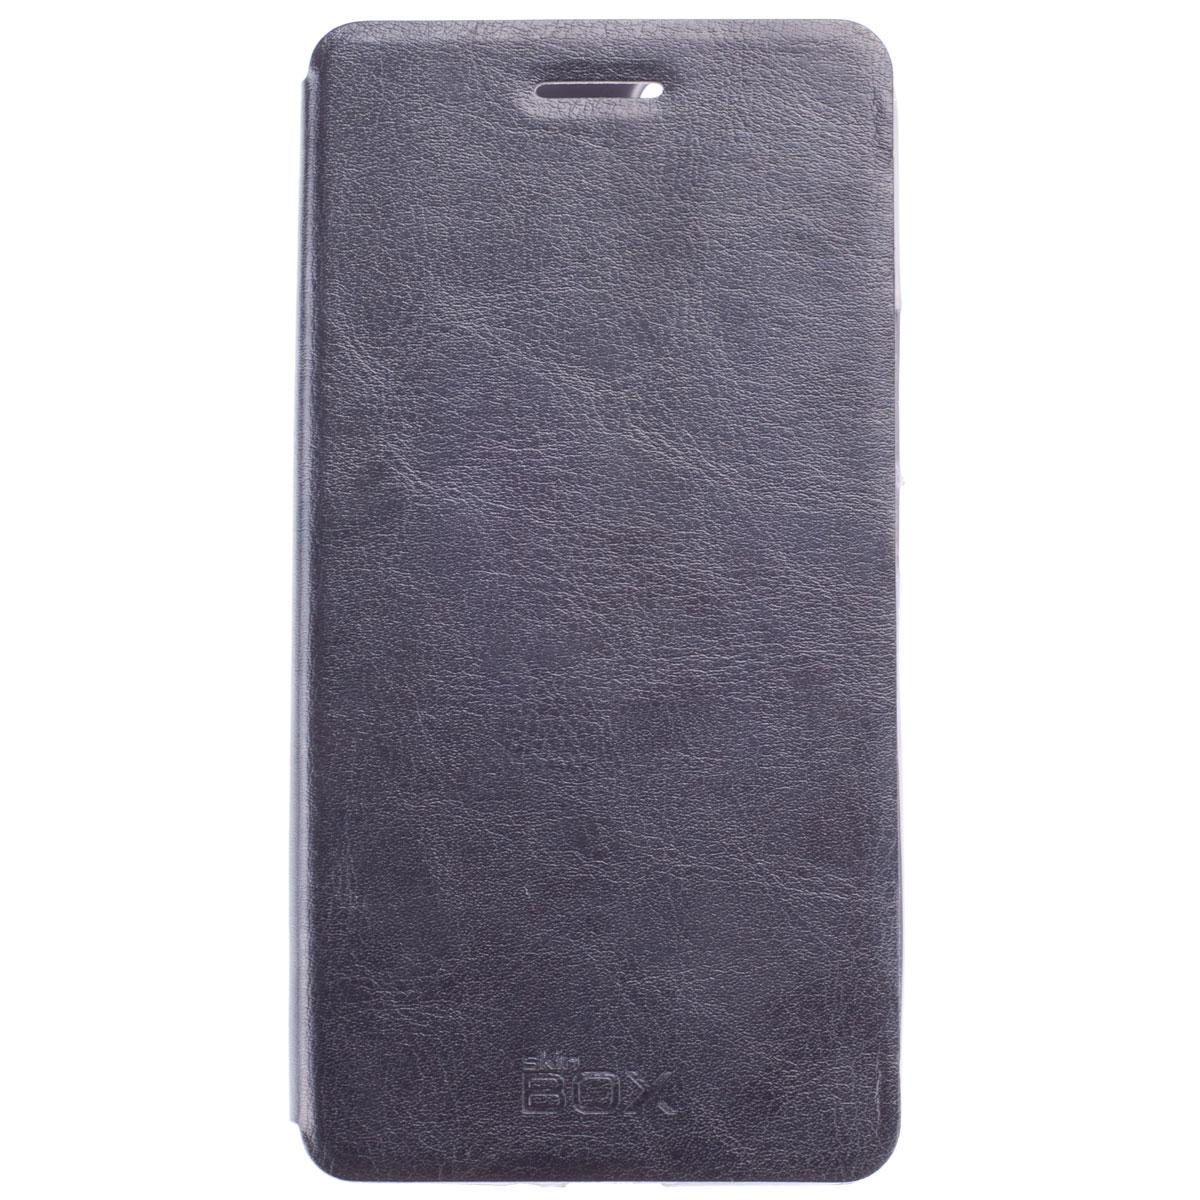 Skinbox Lux чехол для Huawei Honor 6 Plus, BlackT-S-HH6P-003Чехол Skinbox Lux выполнен из высококачественного поликарбоната и экокожи. Он обеспечивает надежную защиту корпуса и экрана смартфона и надолго сохраняет его привлекательный внешний вид. Чехол также обеспечивает свободный доступ ко всем разъемам и клавишам устройства.